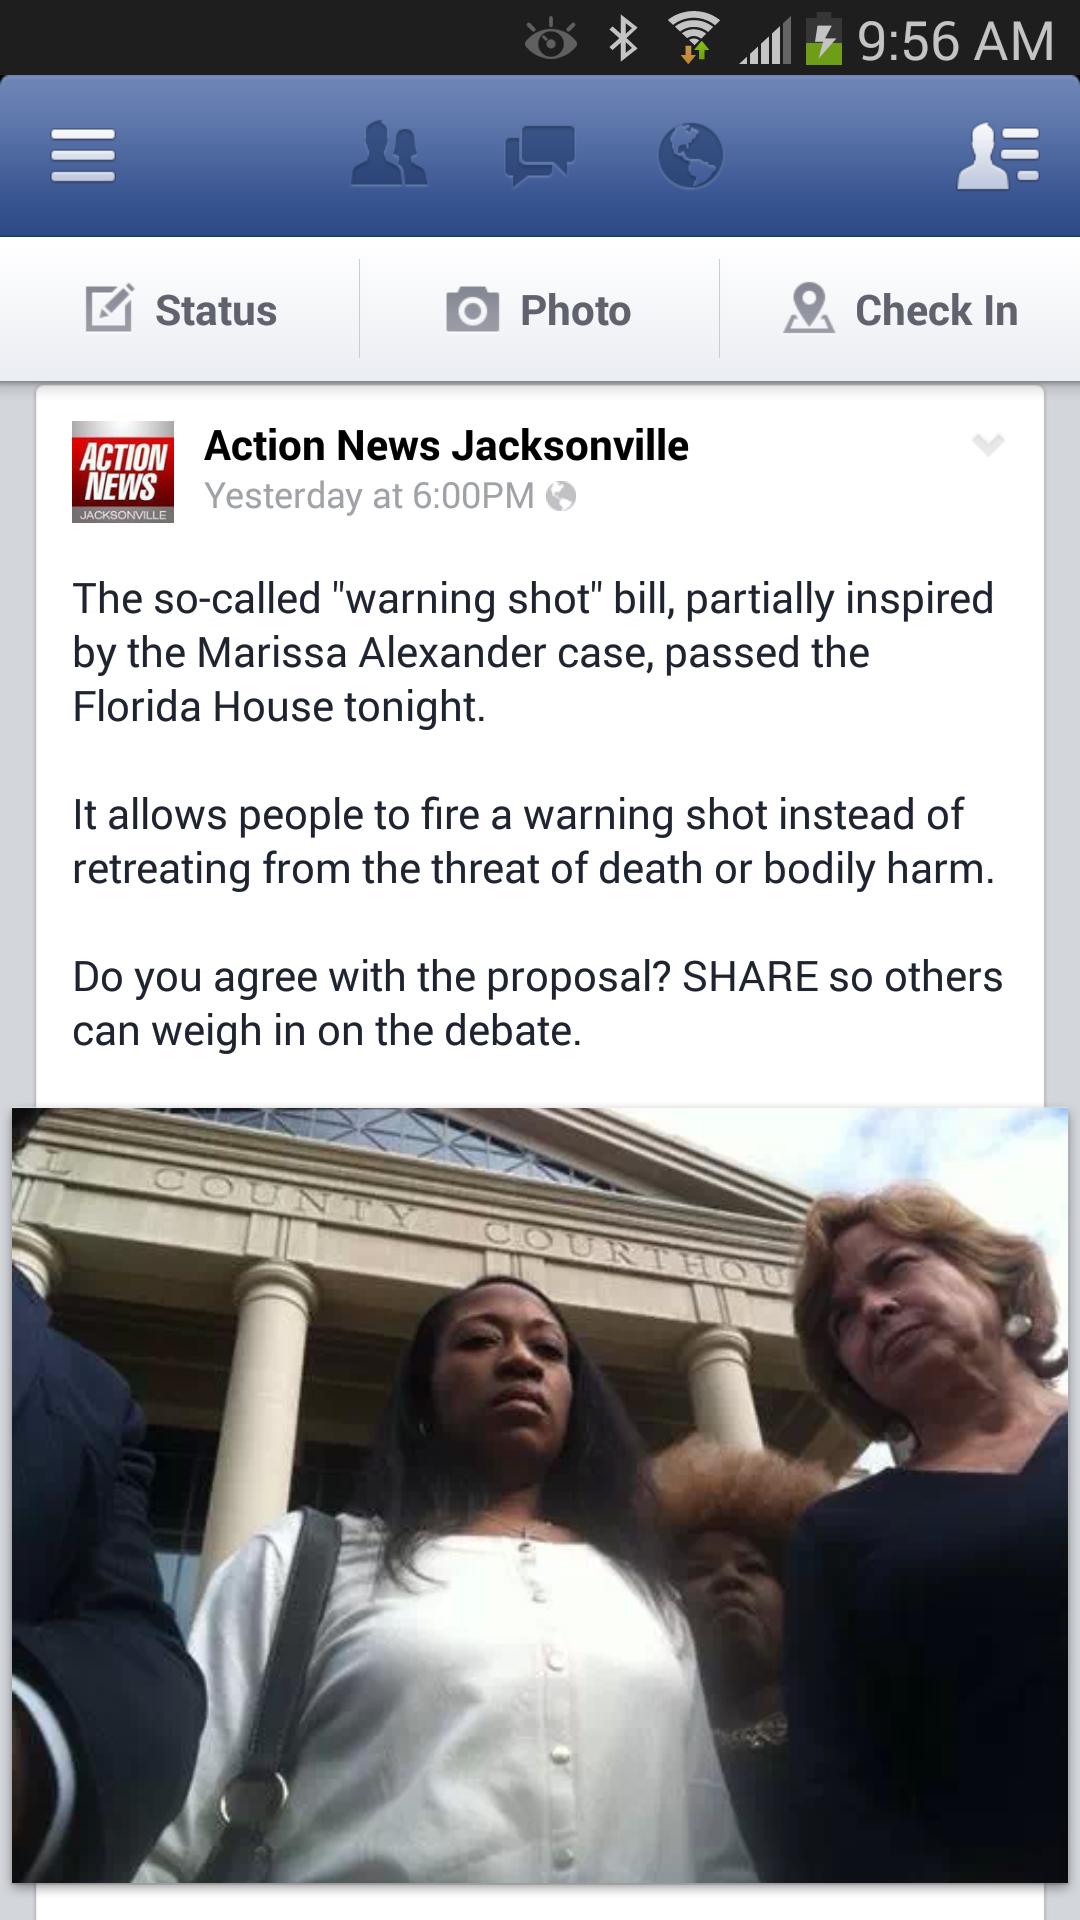 New florida bill makes warning shot legal 3 21 2014-screenshot_2014-03-21-09-56-55.png